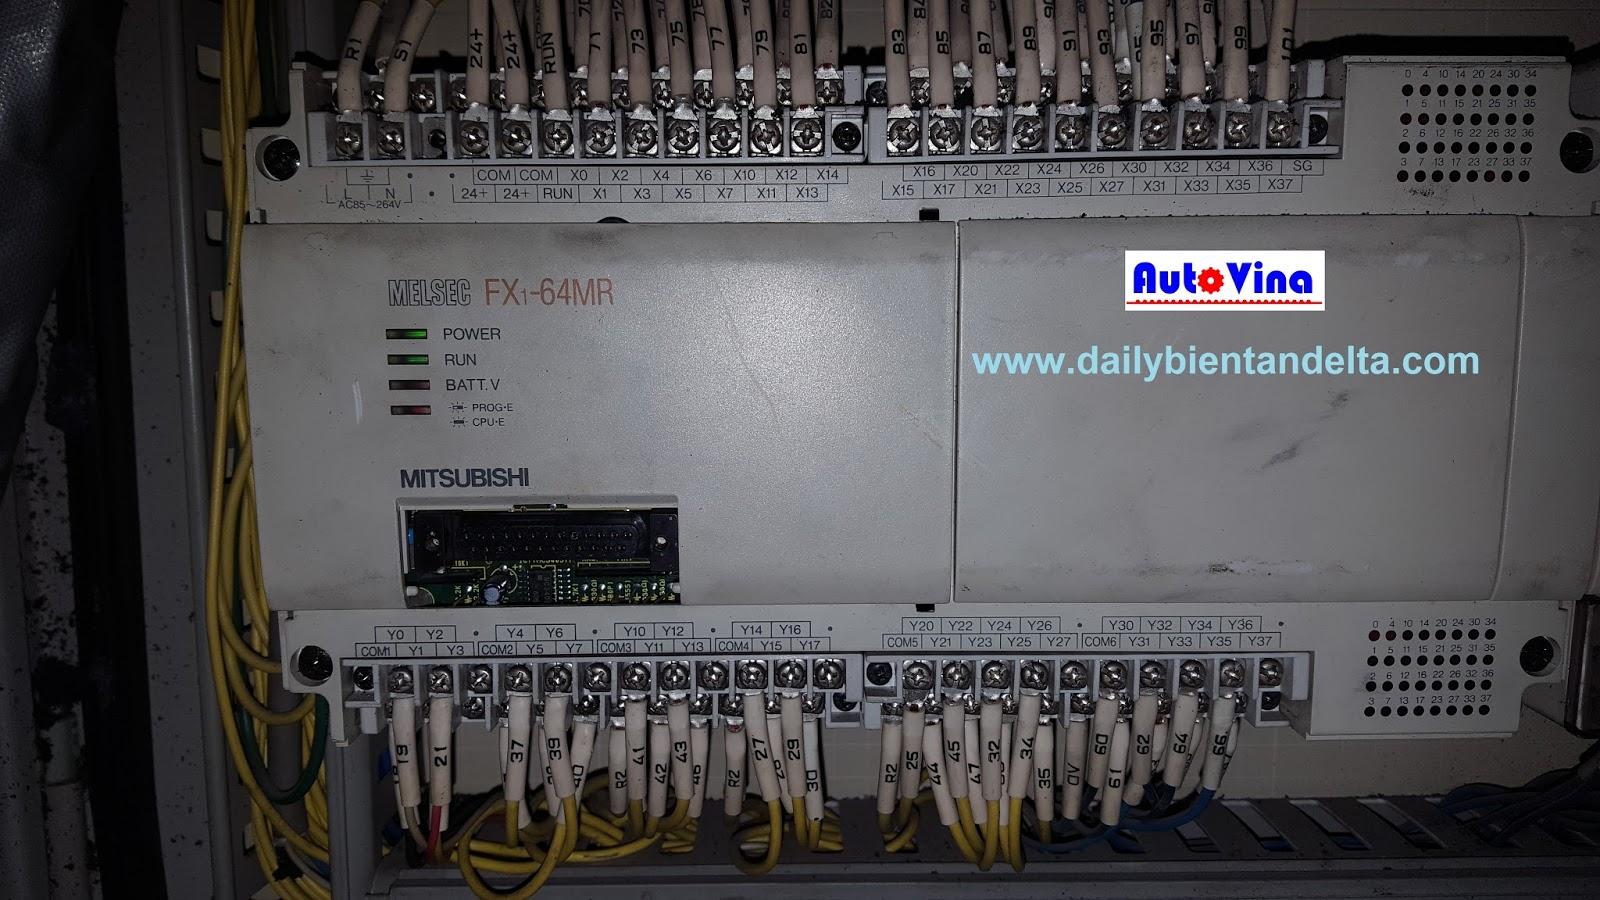 Sửa chữa máy tự động dùng PLC Mitsubishi FX1-64MR